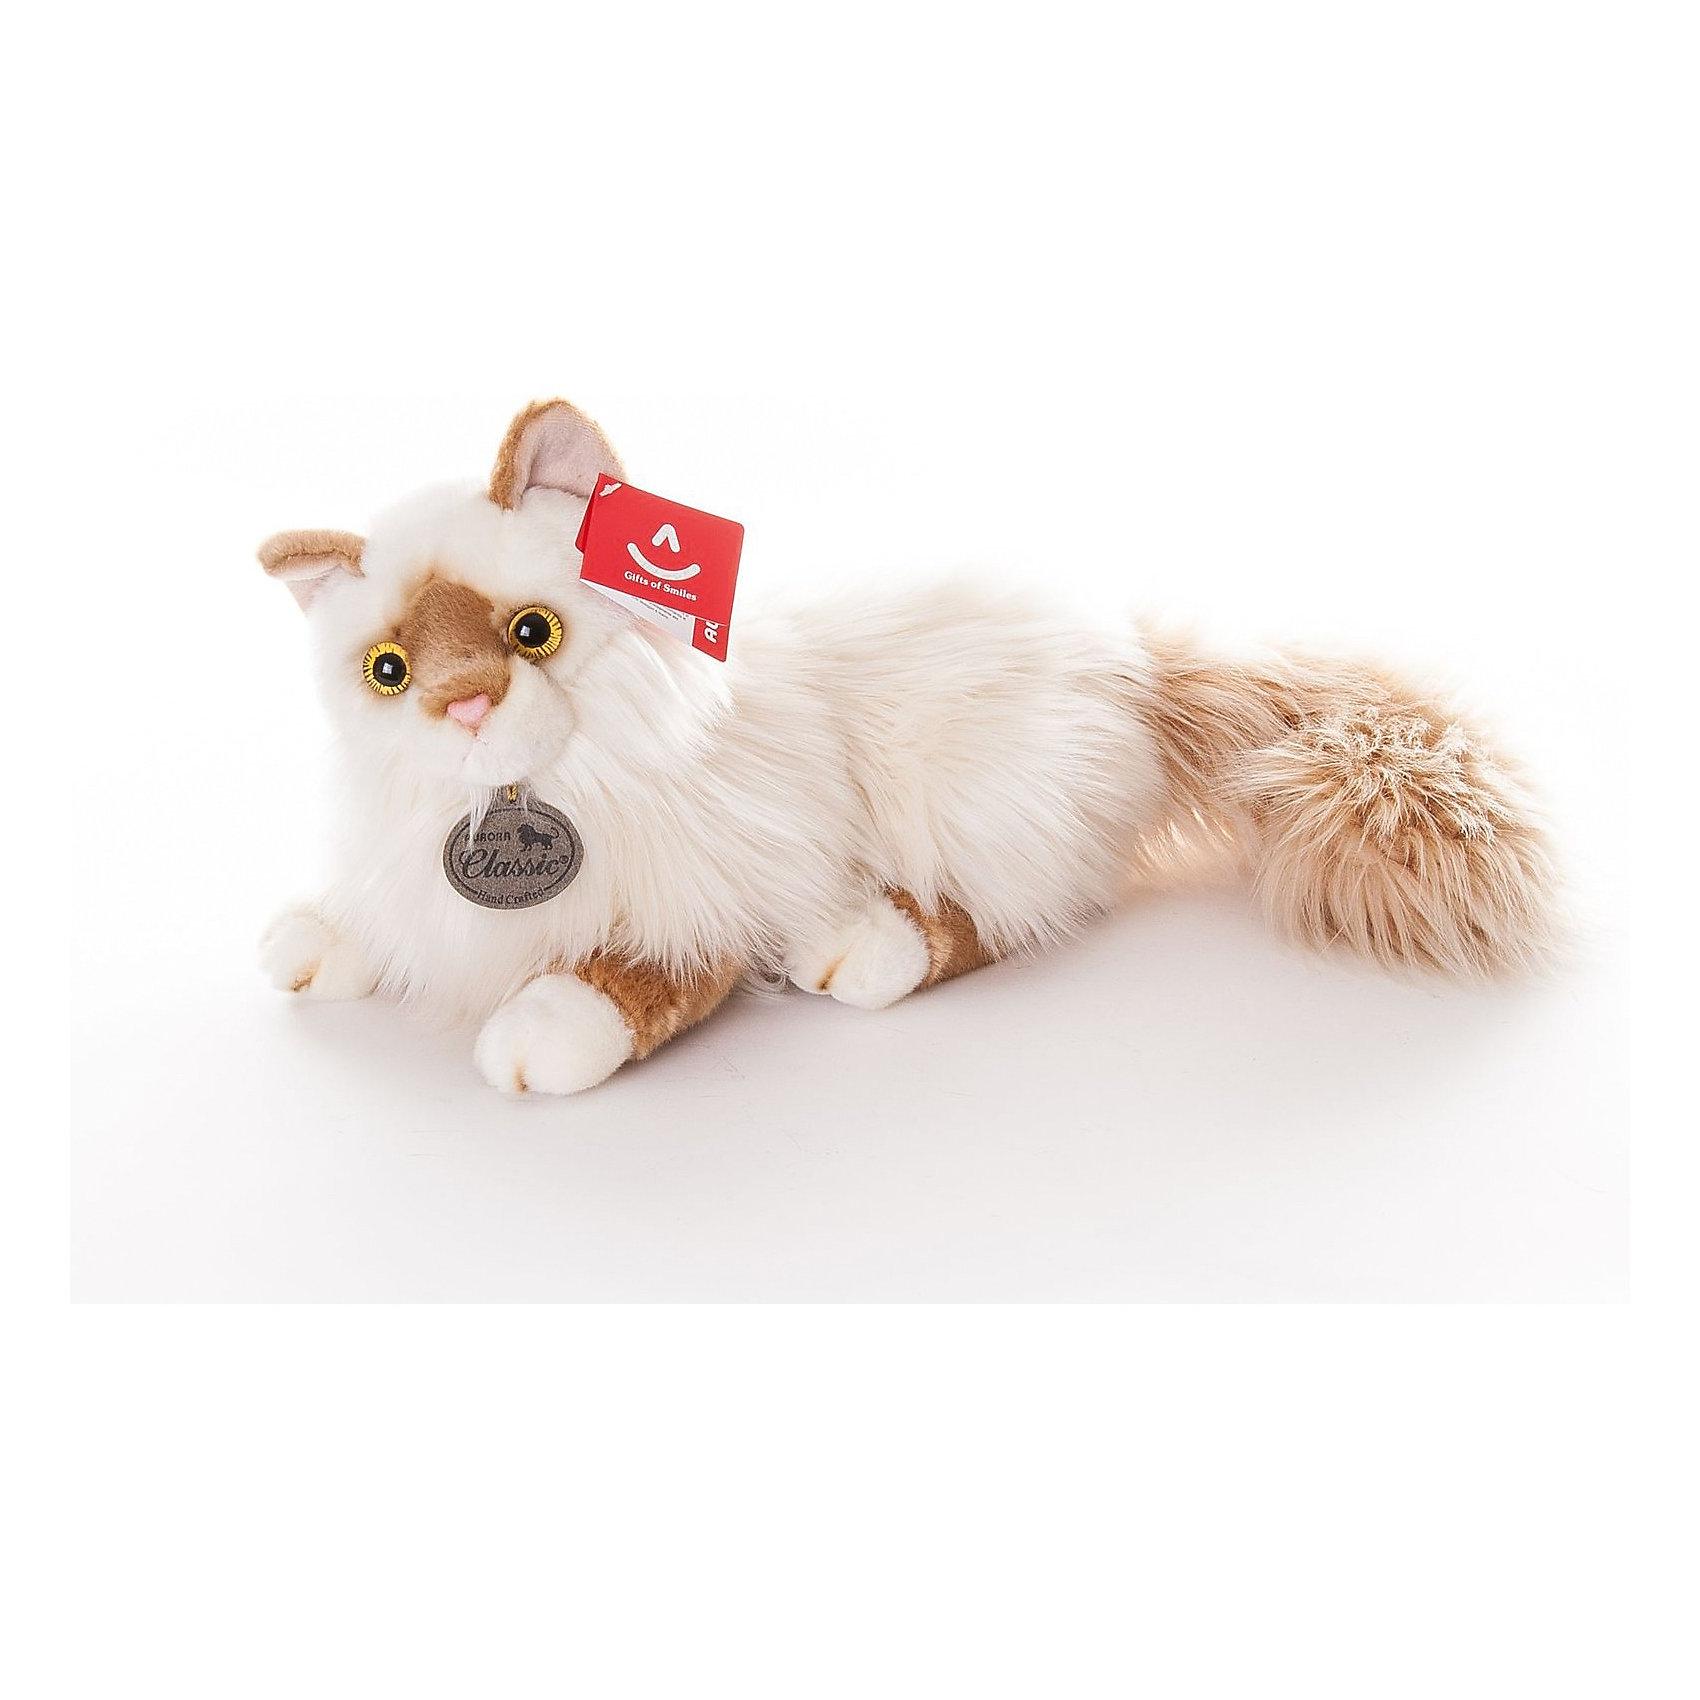 Кошка персидская, 45см, AURORAКошки и собаки<br>Кошка персидская, 45см, AURORA (Аврора) станет малышу настоящим другом, с которым можно весело играть днем и уютно засыпать ночью. Игрушечная кошечка составит приятную компанию малышу на прогулке. Шерстка кошки мягкая и шелковистая, поэтому ребенку будет очень приятно держать игрушку в руках. Игрушка очень приятная на ощупь, содержат специальные пластмассовые гранулы, развивающие тактильные навыки у детей младшего возраста. <br>Кошечка изготовлена из высококачественного плюша, набивка - гипоаллергенный синтепон. Яркие и стойкие цвета приятны для глаз. Не стоит расстраиваться, если малыш ненароком испачкал своего плюшевого друга, ведь игрушку можно стирать при температуре не выше 30?, разрешена машинная и ручная стирка. Производители заботятся о безопасности вашего малыша, поэтому пластмассовые глаза надежно прикреплены к мордочке кошки. Ребенок может разыгрывать любые сюжеты, благодаря чему у него будет развиваться фантазия, воображение, а также навыки сюжетно-ролевой игры.<br><br>Дополнительная информация:<br><br>- Материалы: плюш, синтепон<br>- Размер: 45 х 18 х 18 см.<br>- Вес: 430 гр.<br><br>Кошку персидскую, 45см, AURORA (Аврора) можно купить в нашем интернет-магазине.<br><br>Ширина мм: 350<br>Глубина мм: 130<br>Высота мм: 190<br>Вес г: 430<br>Возраст от месяцев: 36<br>Возраст до месяцев: 120<br>Пол: Унисекс<br>Возраст: Детский<br>SKU: 3624958